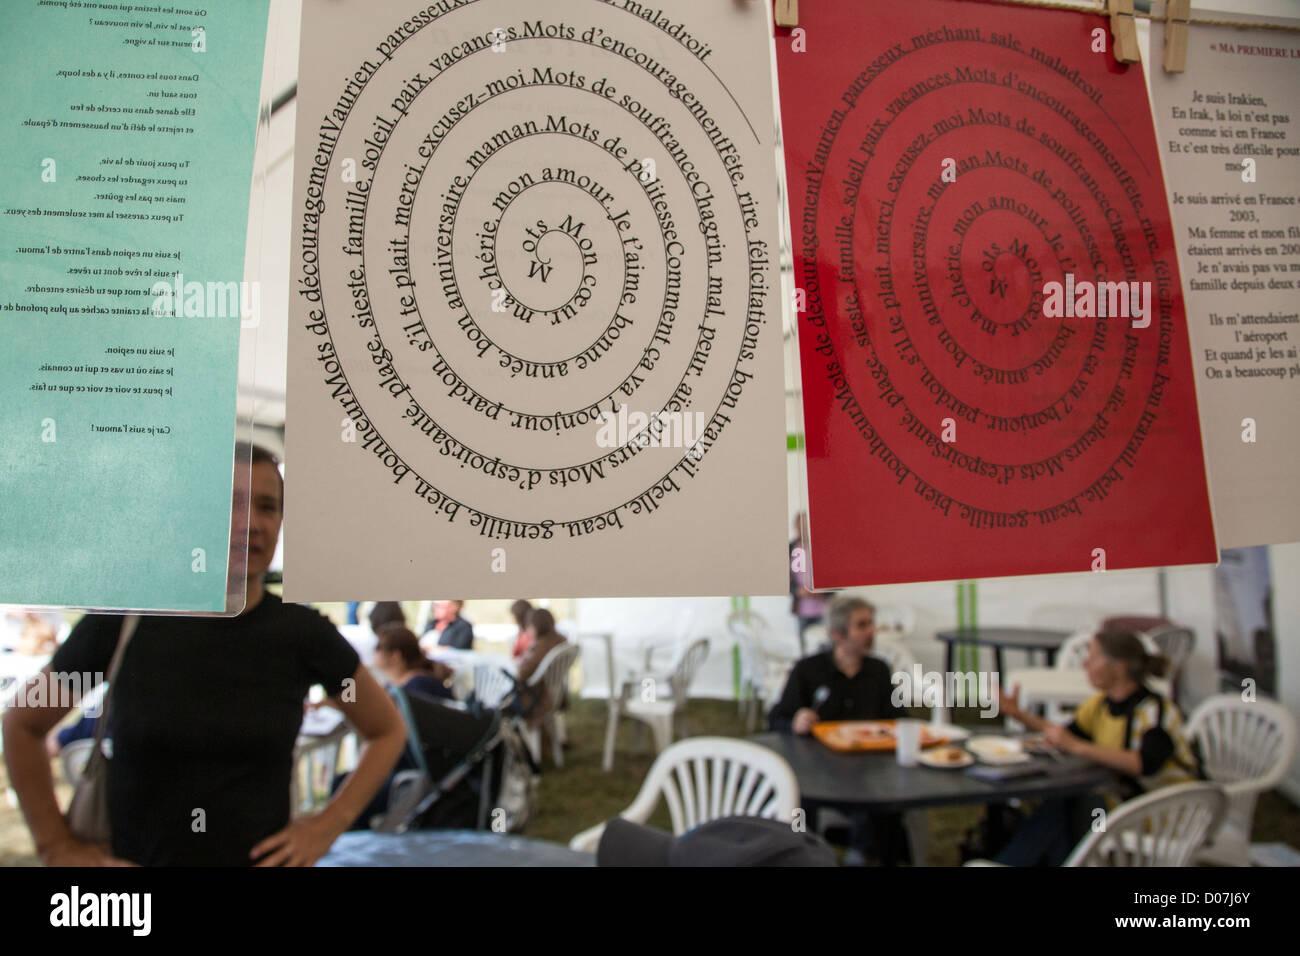 POETRY READING BOOK FESTIVAL DOMAINE DE SAINT-SIMON LA FERTE-VIDAME EURE-ET-LOIR (28) FRANCE - Stock Image